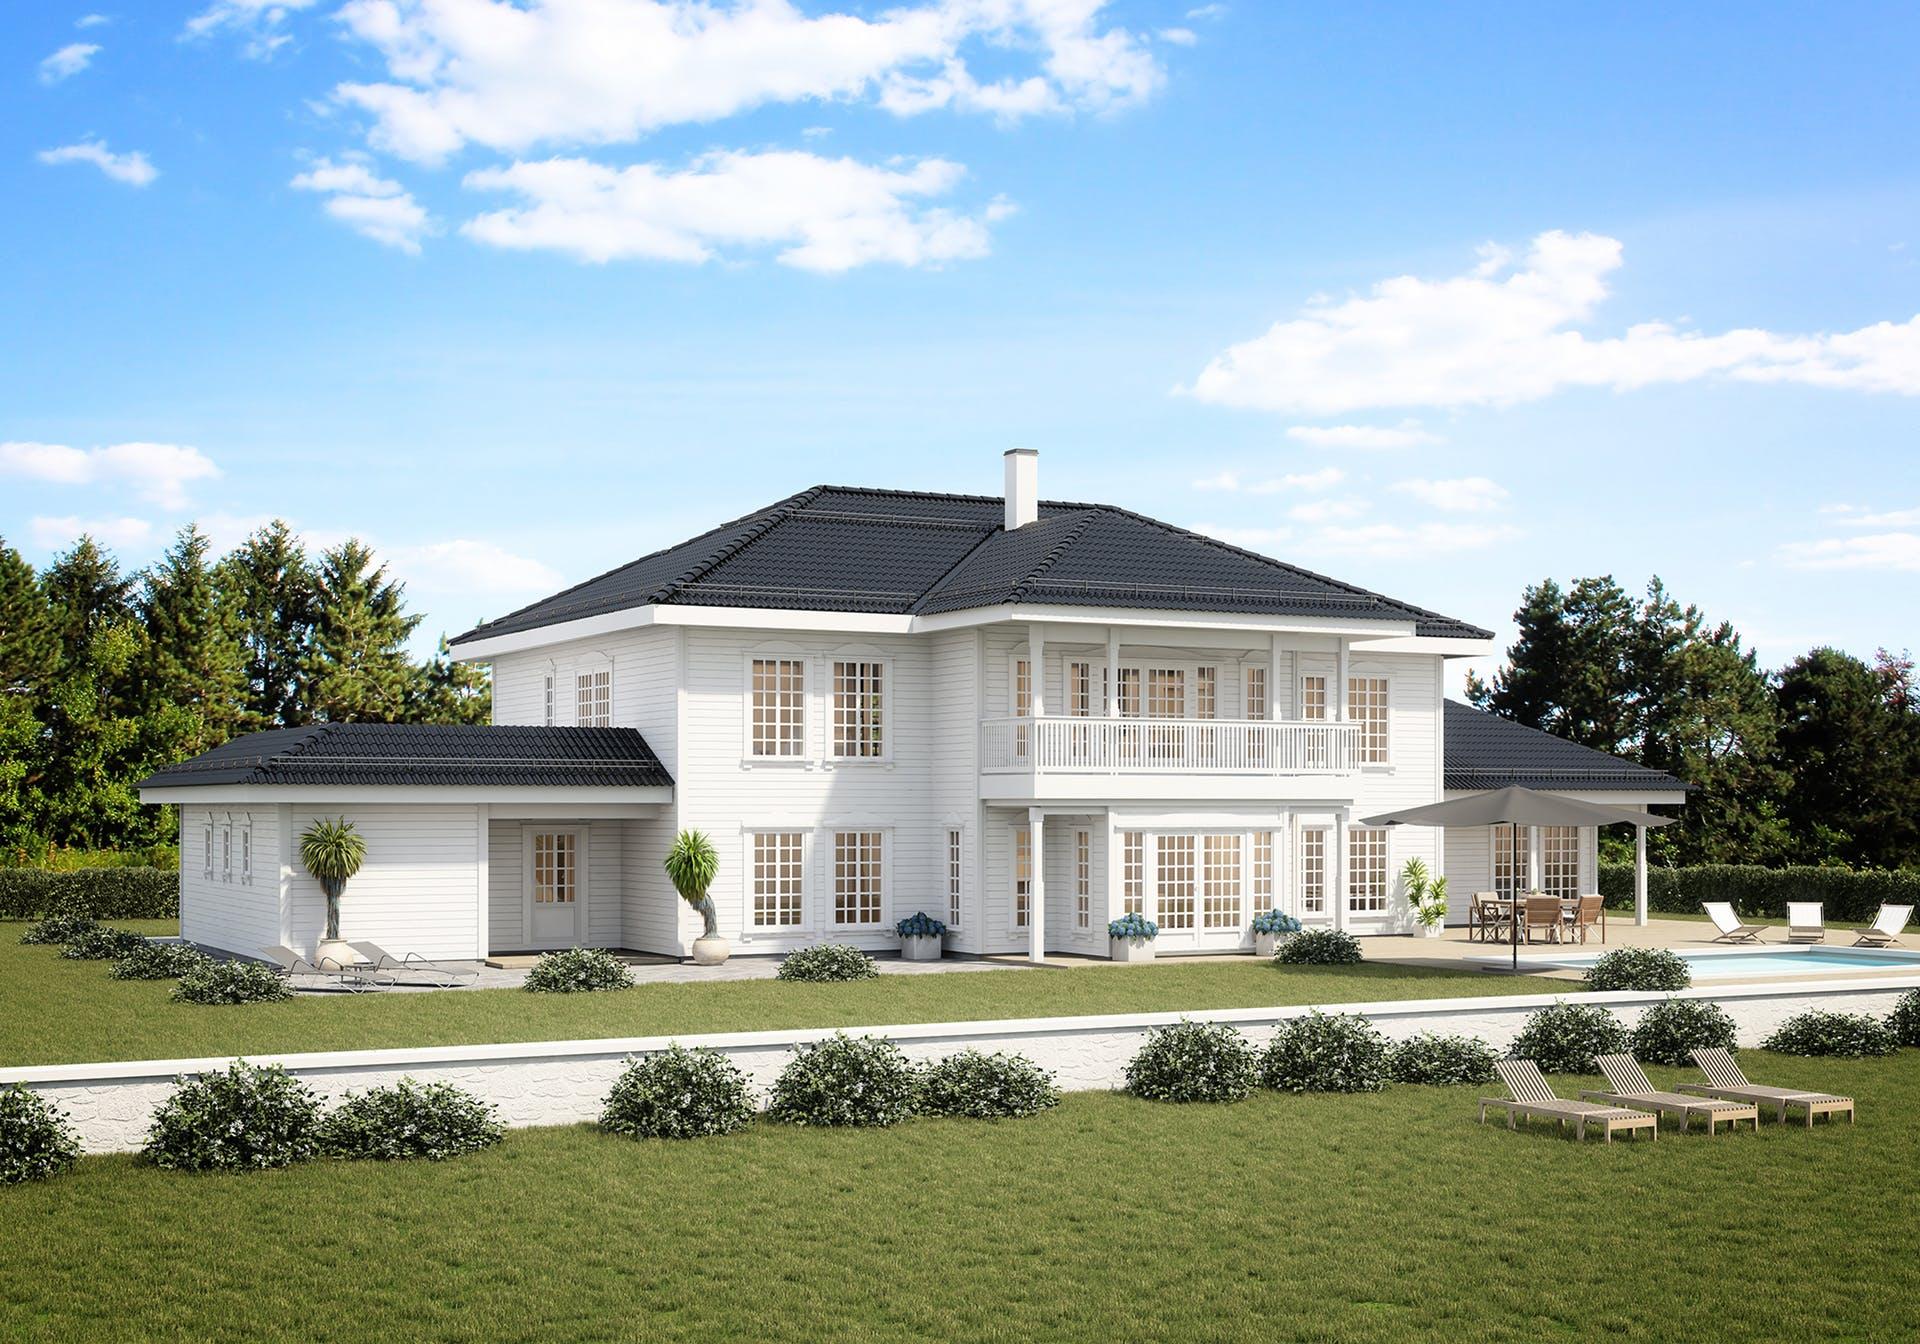 Bilde av husmodellen Villa Austraadt av ferdighusleverandøren Norhus